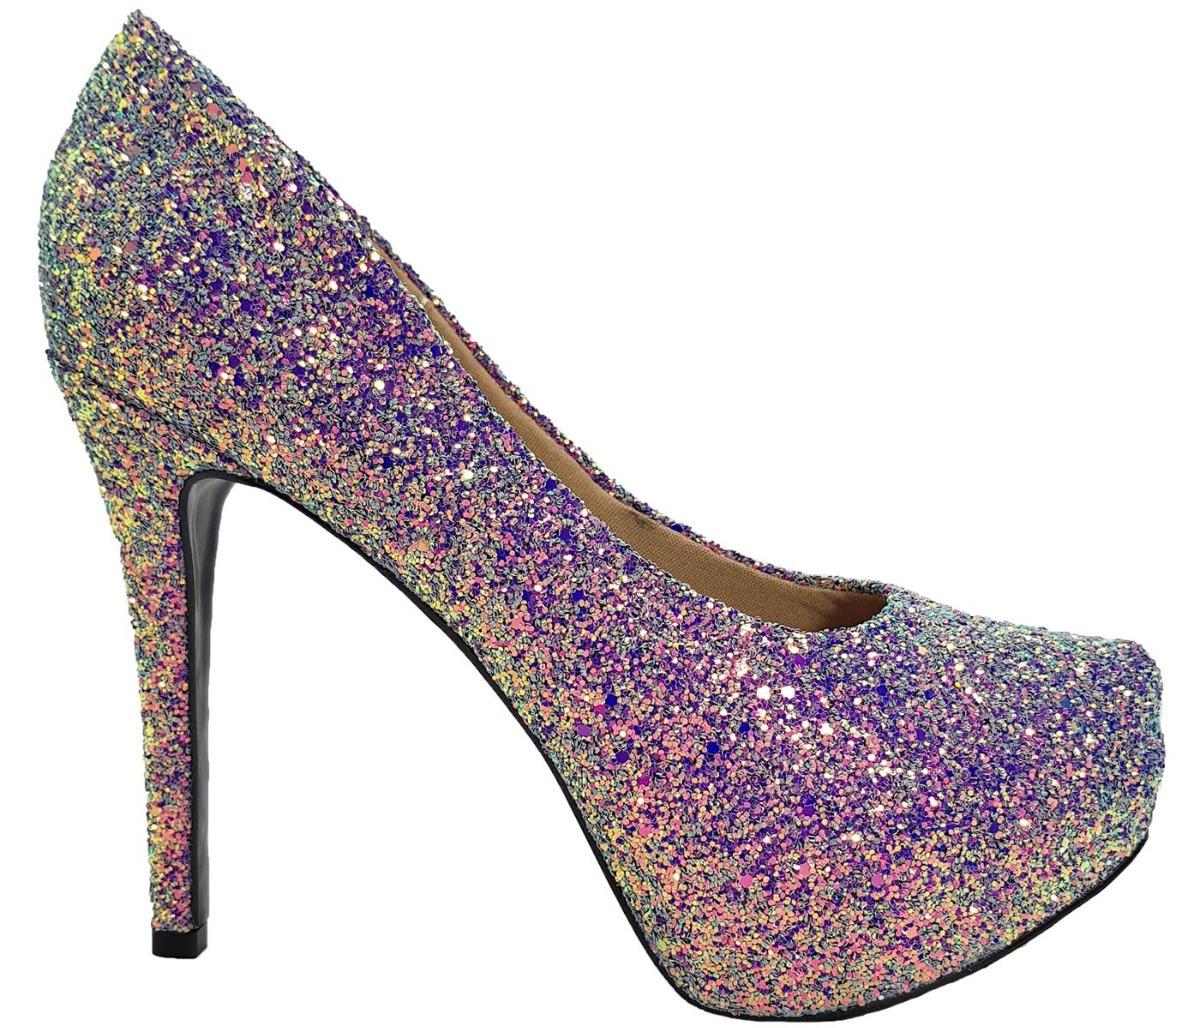 517101cc49 sapato feminino salto alto dom amazona glitter lilas cód 22. Carregando  zoom.